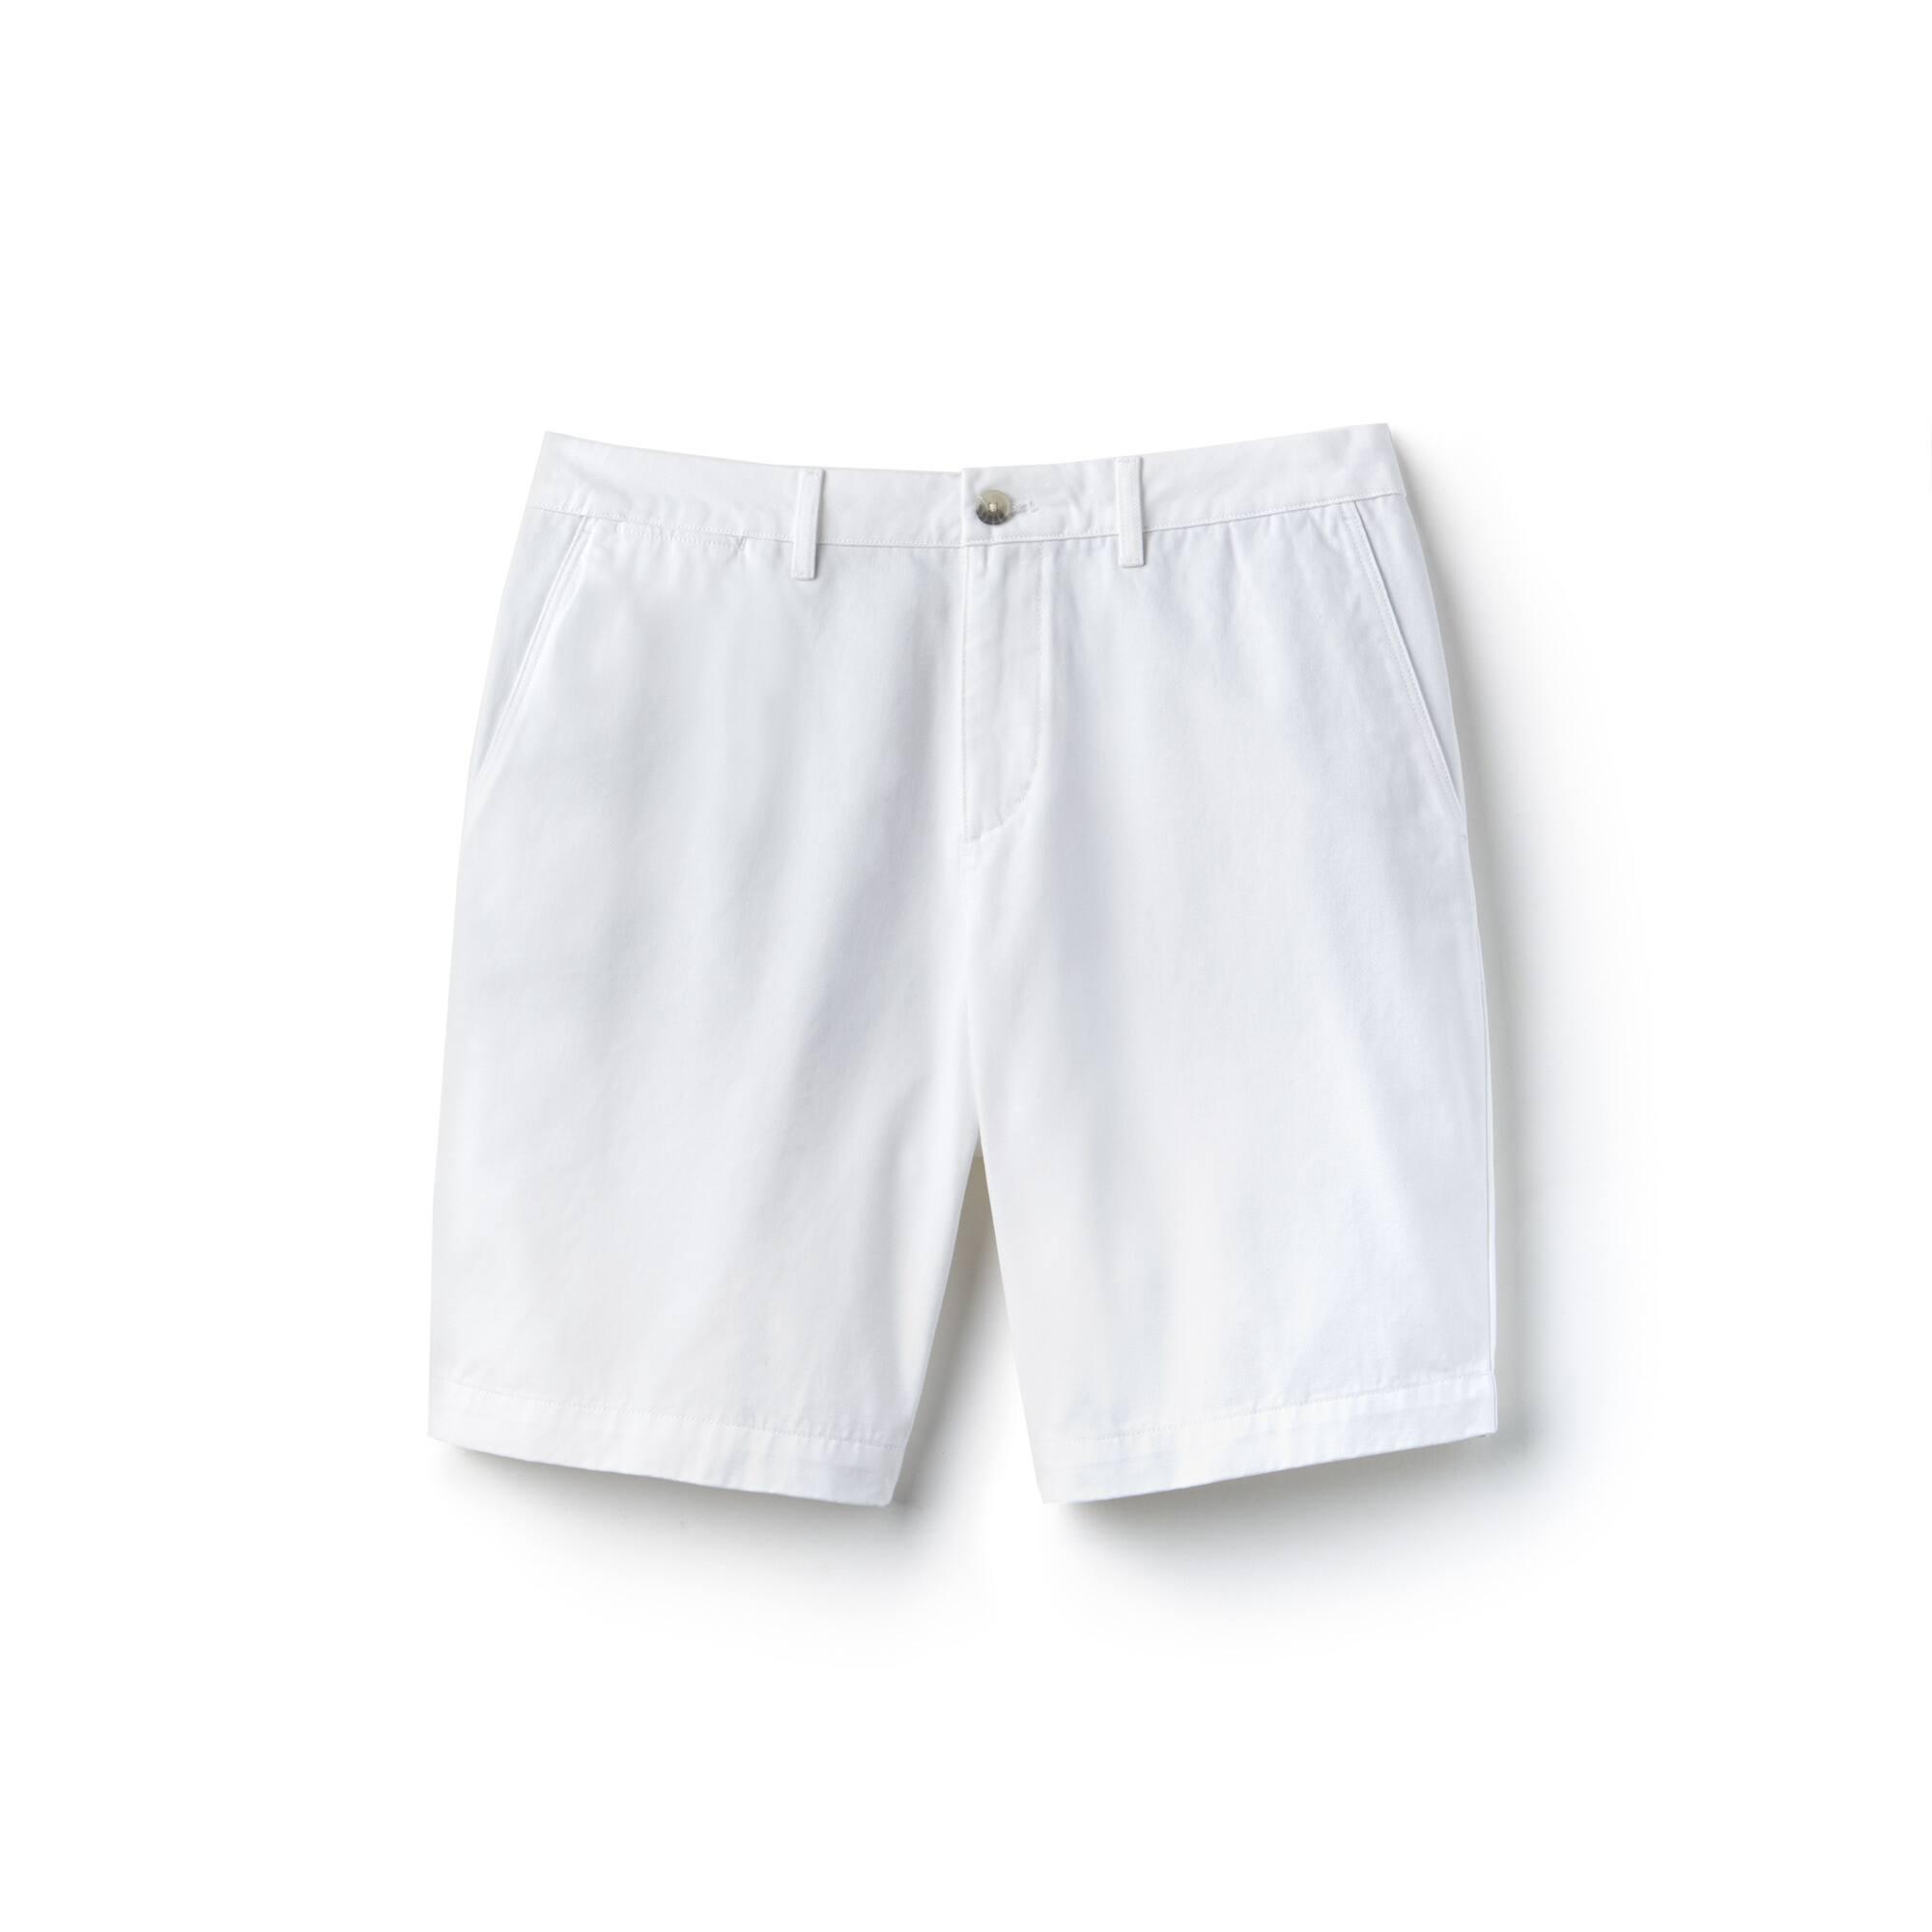 Bermudas regular fit em gabardina de algodão unicolor